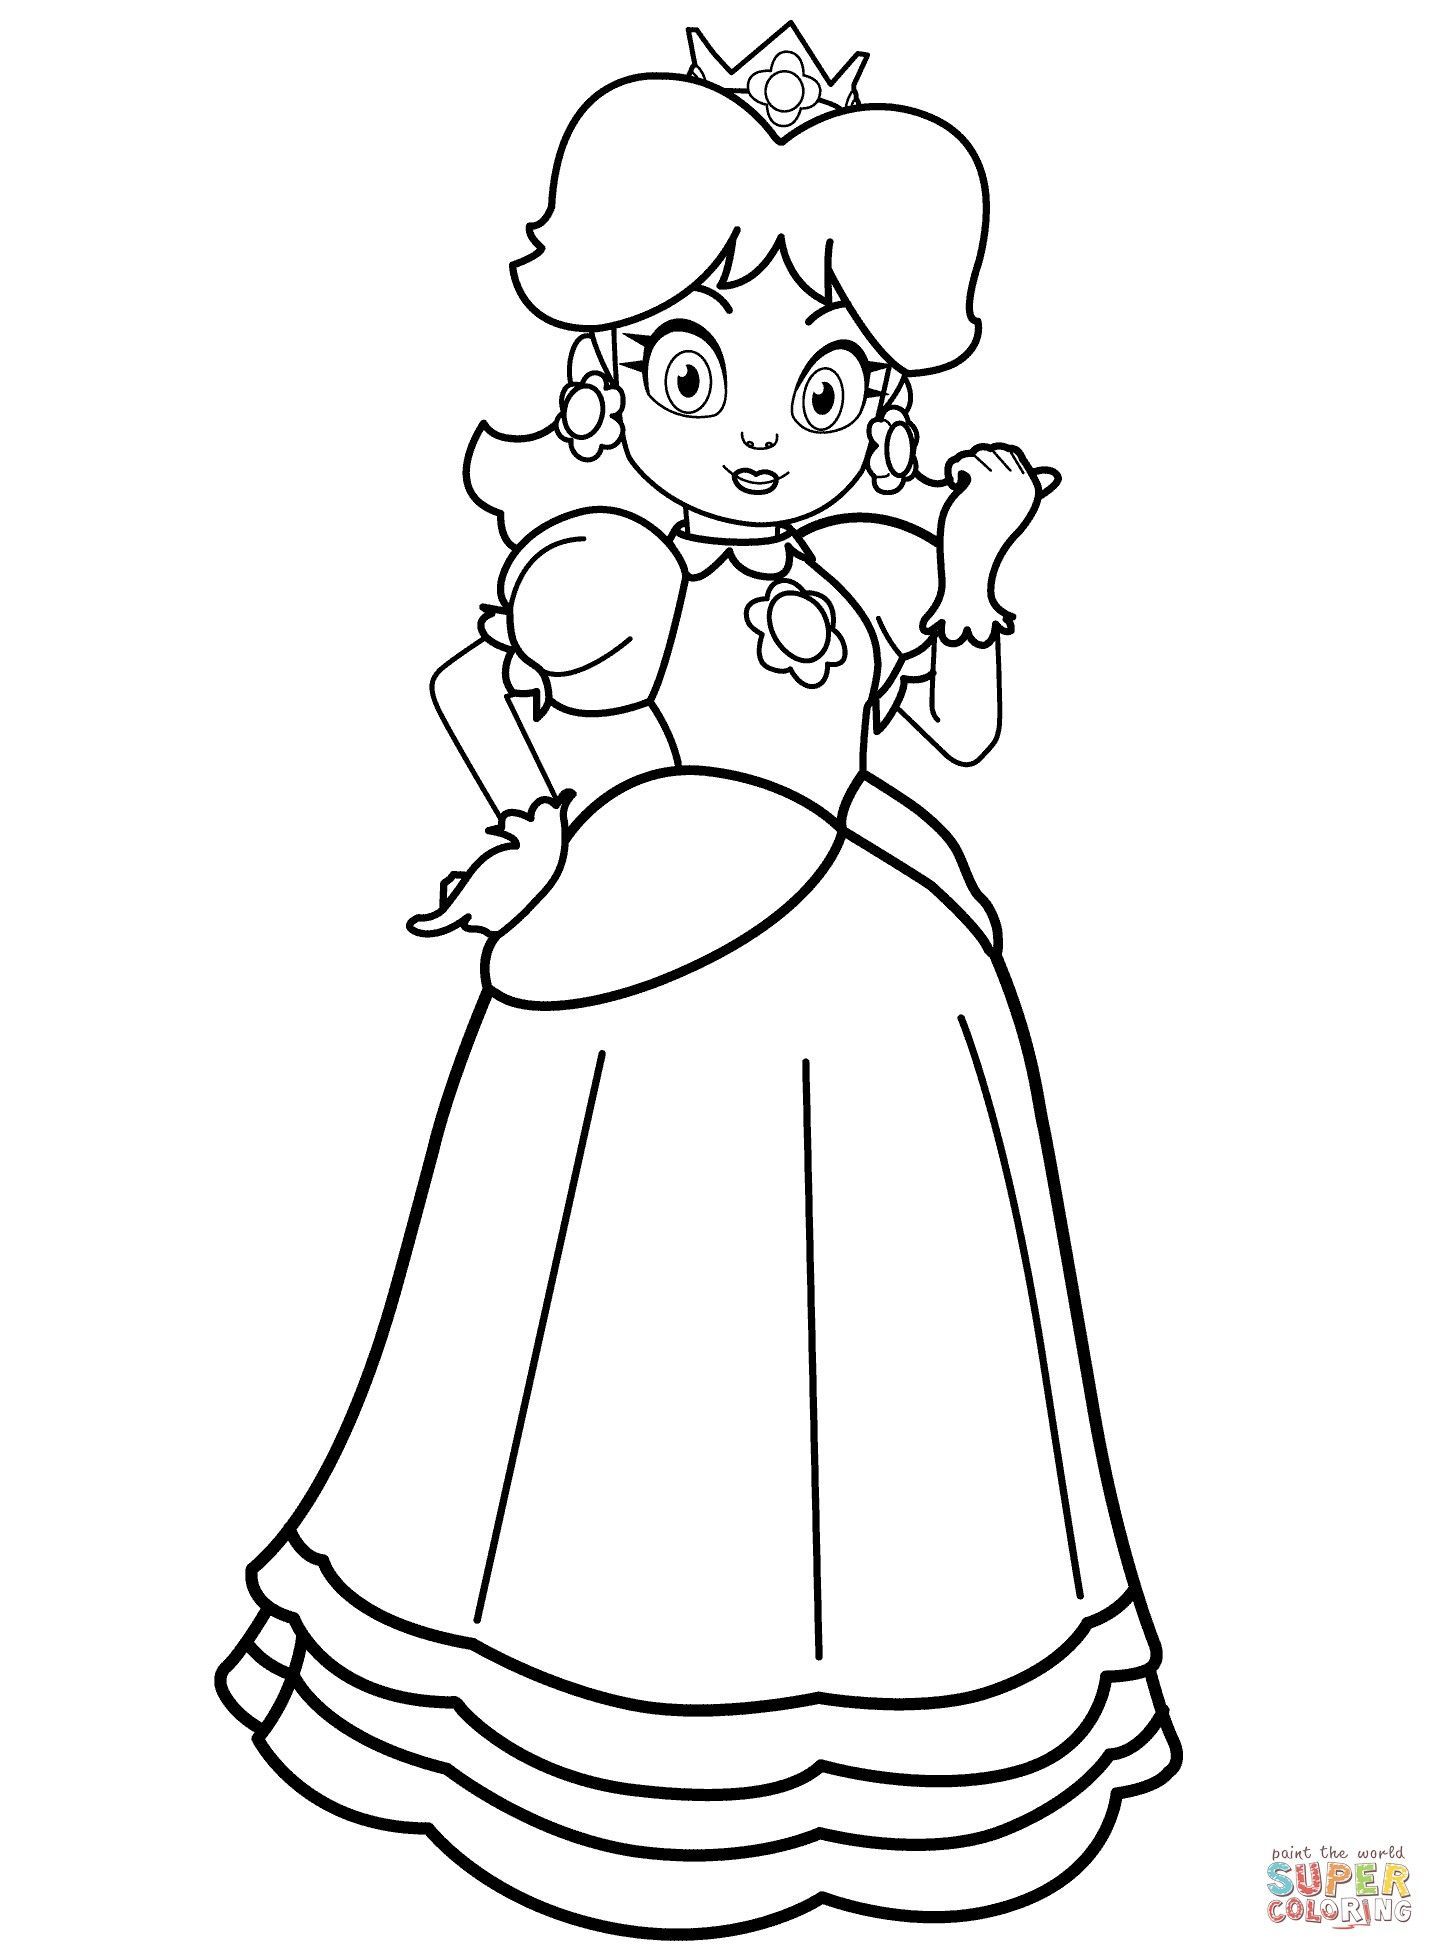 Mario Princess Daisy Coloring Pages Pics